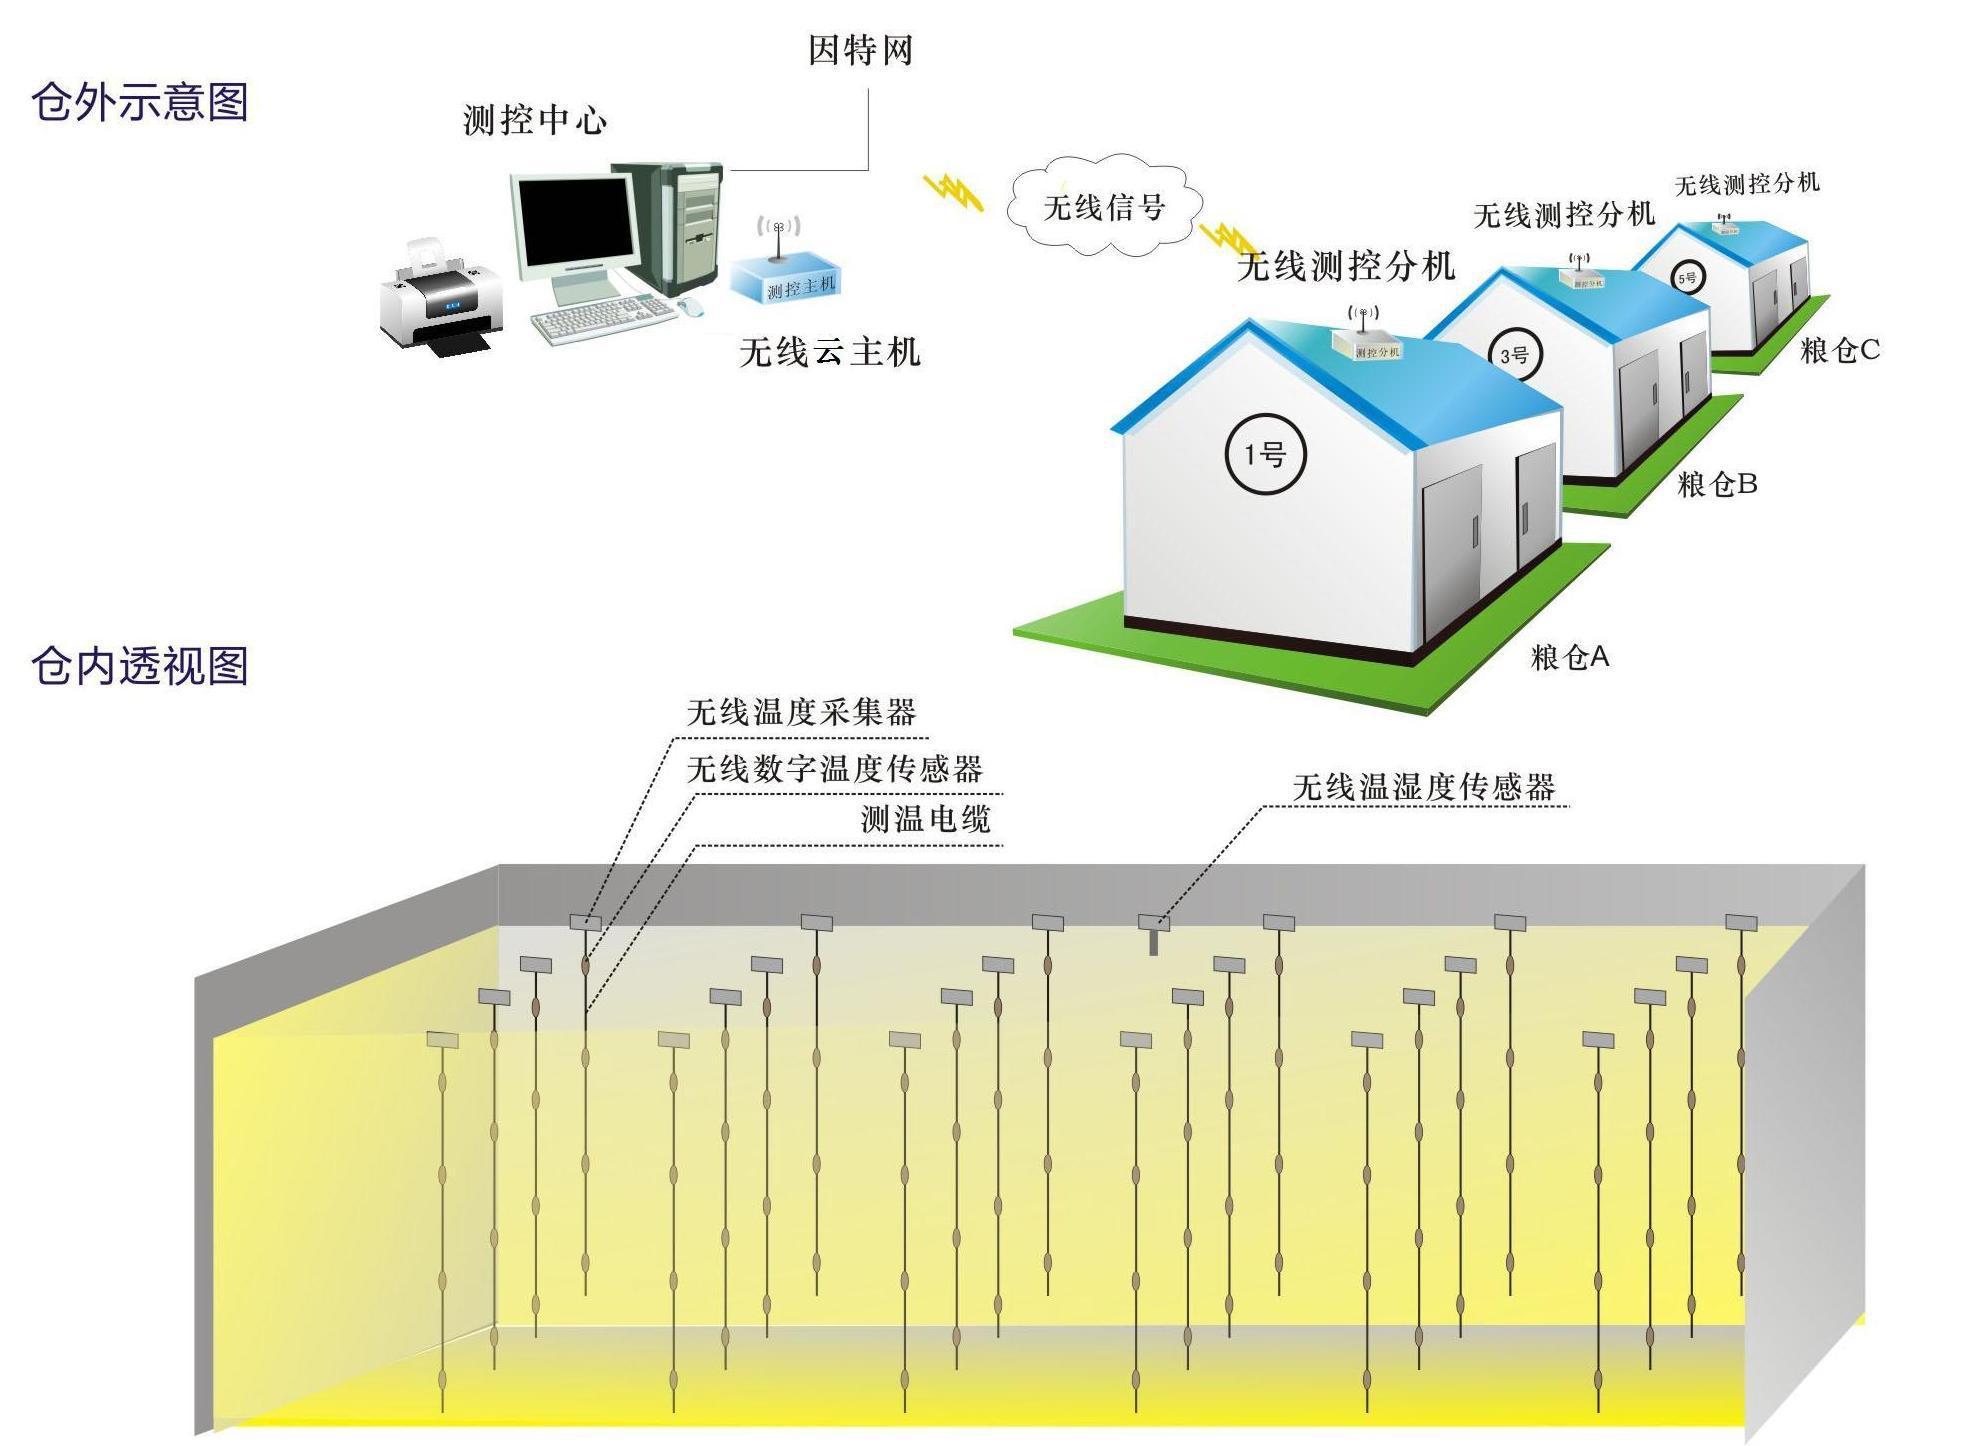 512个检测点,8个温湿度检测点,;测控单元(rtu)设计有防雷,防静电,抗